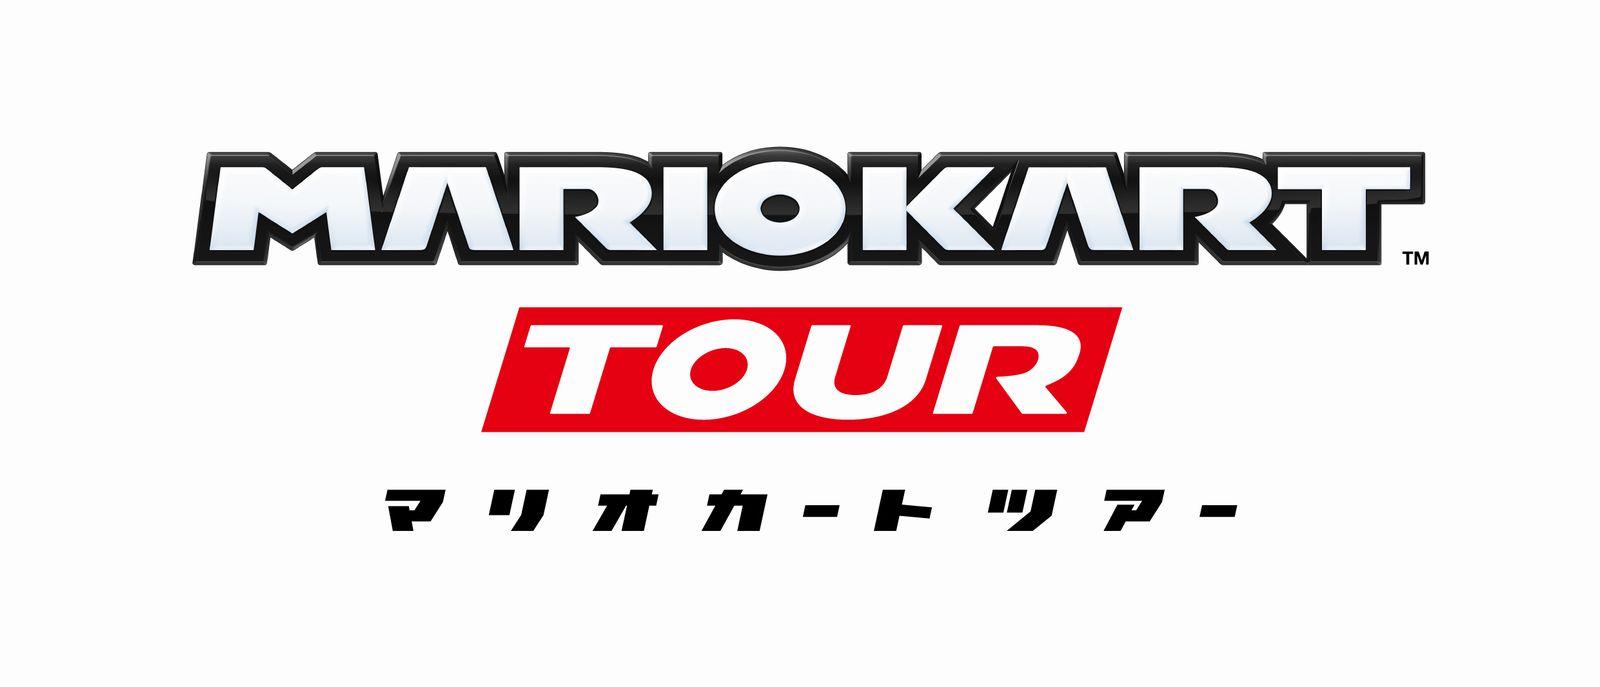 任天堂がスマートフォン向け新作『マリオカート ツアー』を発表!